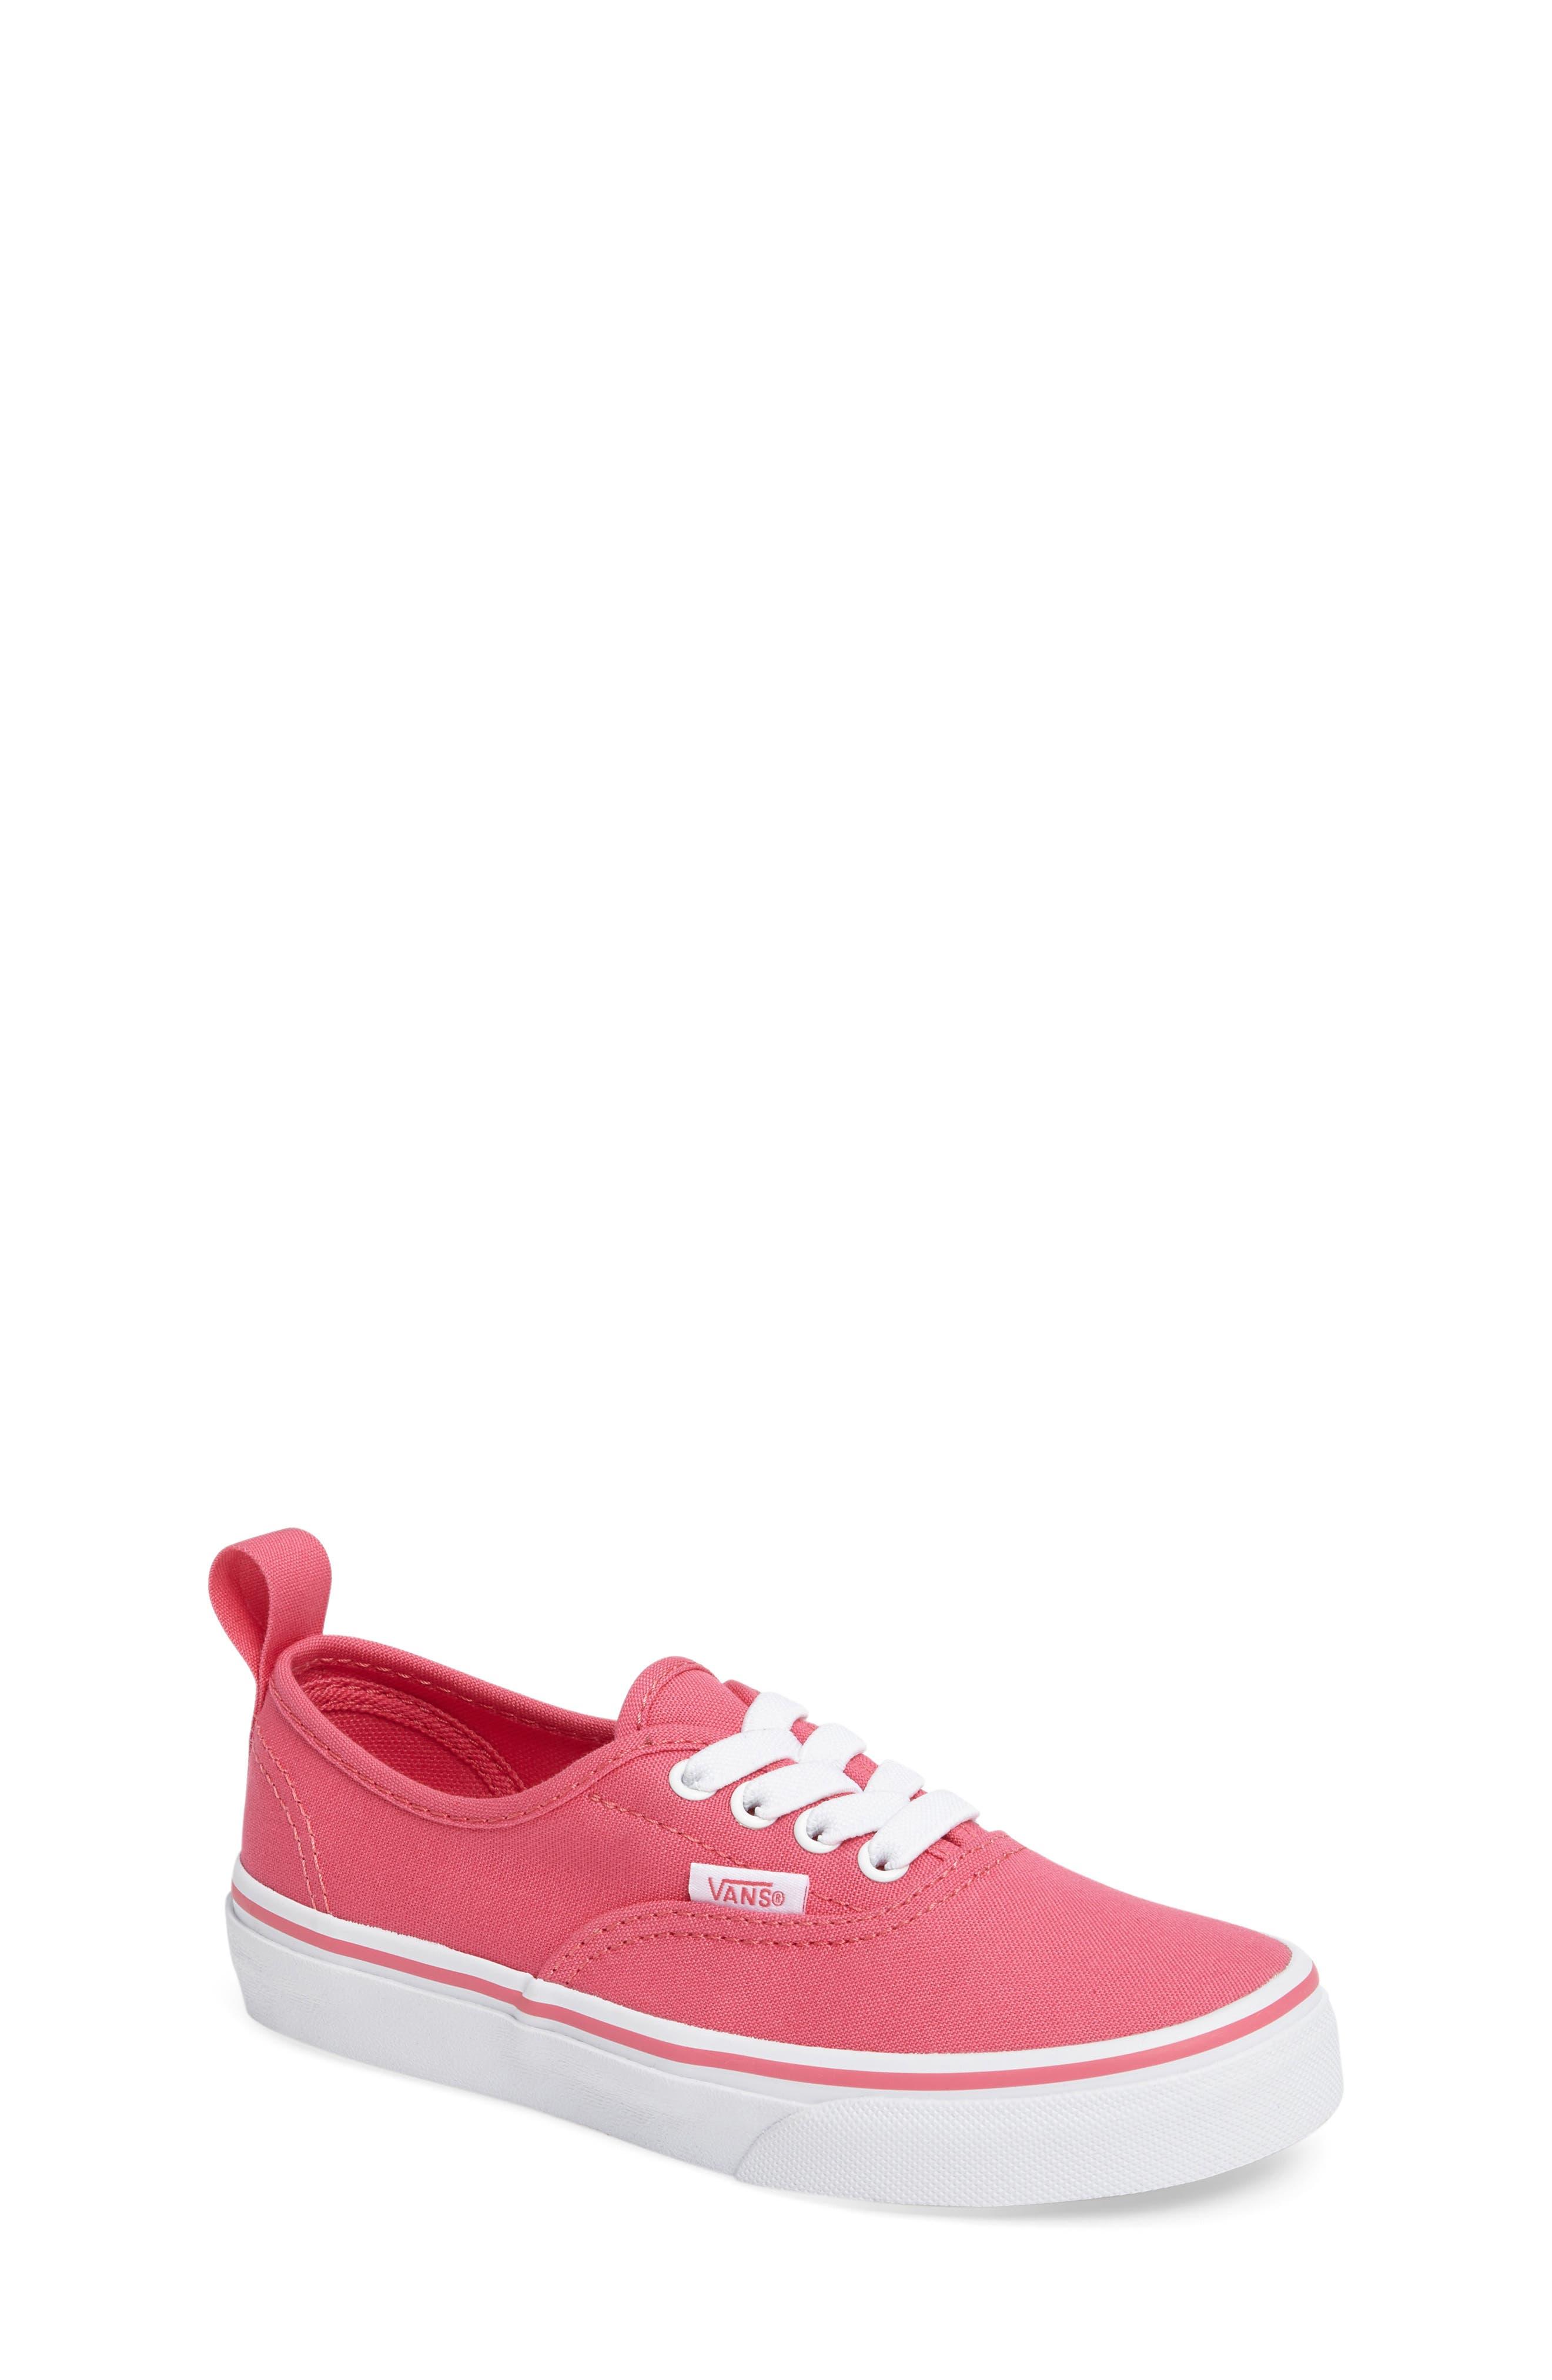 Alternate Image 1 Selected - Vans Authentic Elastic Lace Sneaker (Baby, Walker, Toddler, Little Kid & Big Kid)